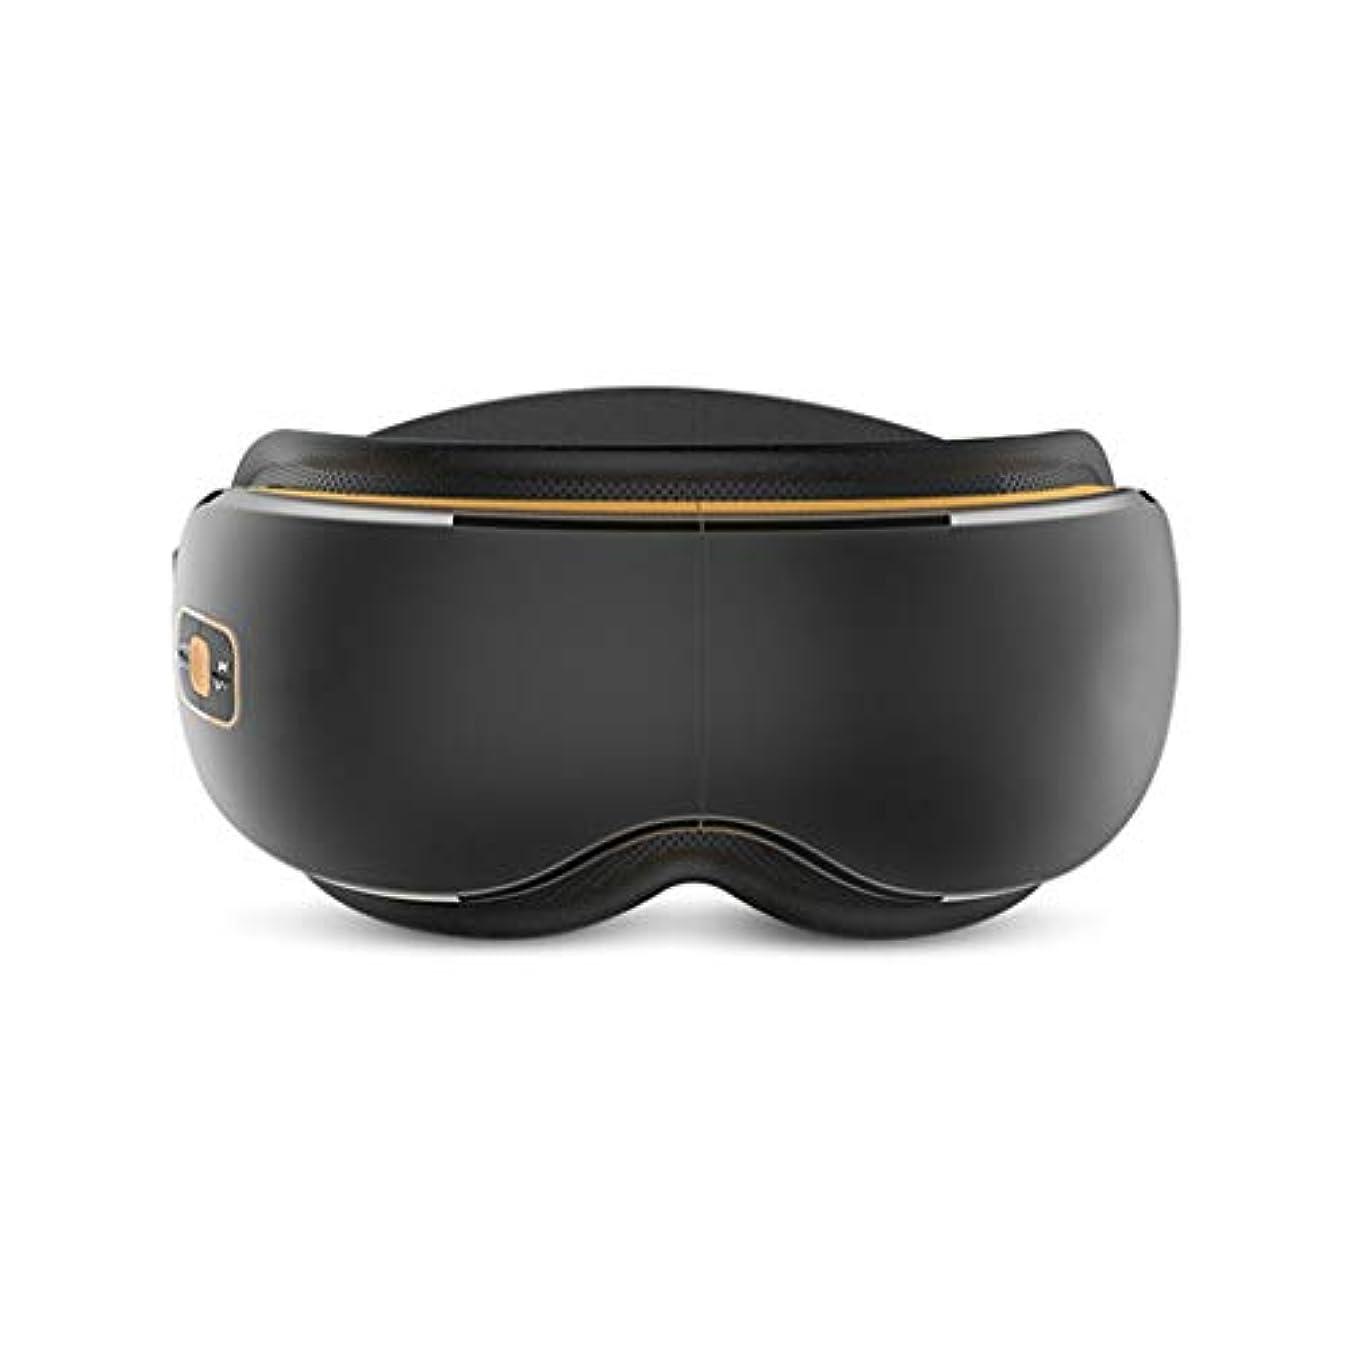 大破忍耐悪党電気アイマッサージャー振動マッサージ暖房/ラップ/音楽/空気圧縮4つのモードで目をリラックスさせて暗い円を減らし、睡眠を改善するためのヘッドプレッシャーを緩和